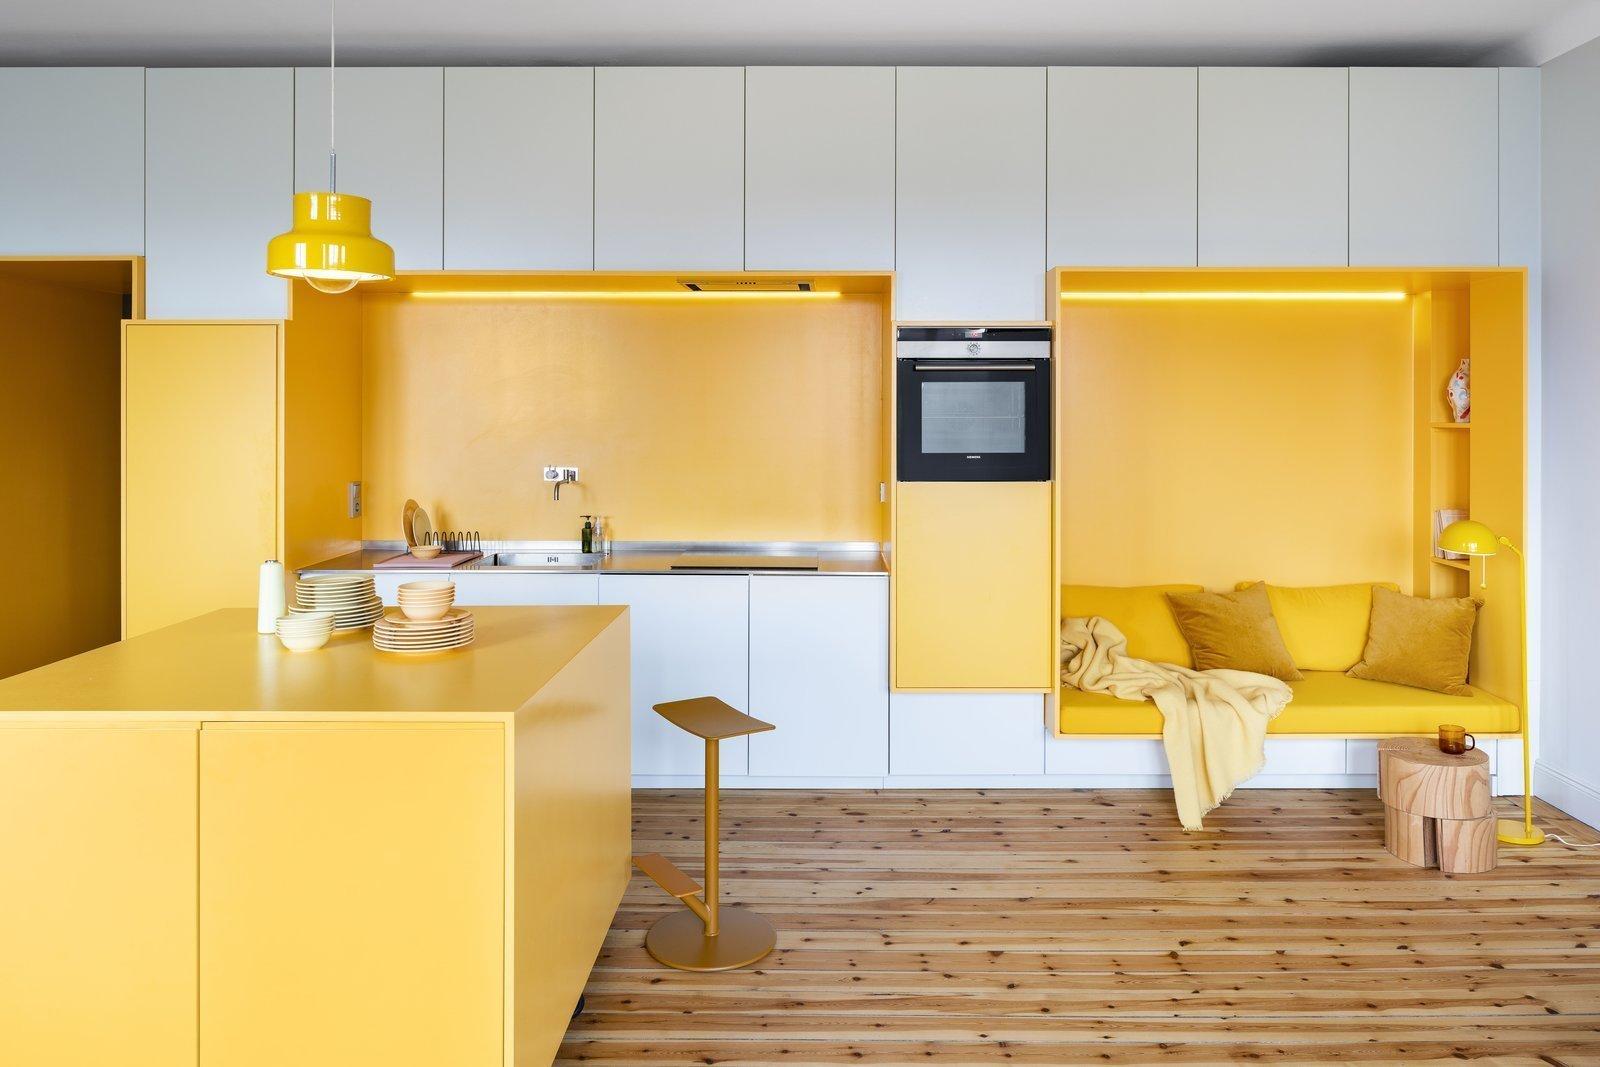 Fantazii, co se týče výběru barev do bytu, se meze nekladou. Majiteli tohoto 85 m2 velkého bytu je mladý pár, který chtěl byt s hravou atmosférou. Proto ji architekt při své práci do interiéru začlenil ve znatelném množství. A jak to celé dopadlo, se nyní můžete podívat s námi.